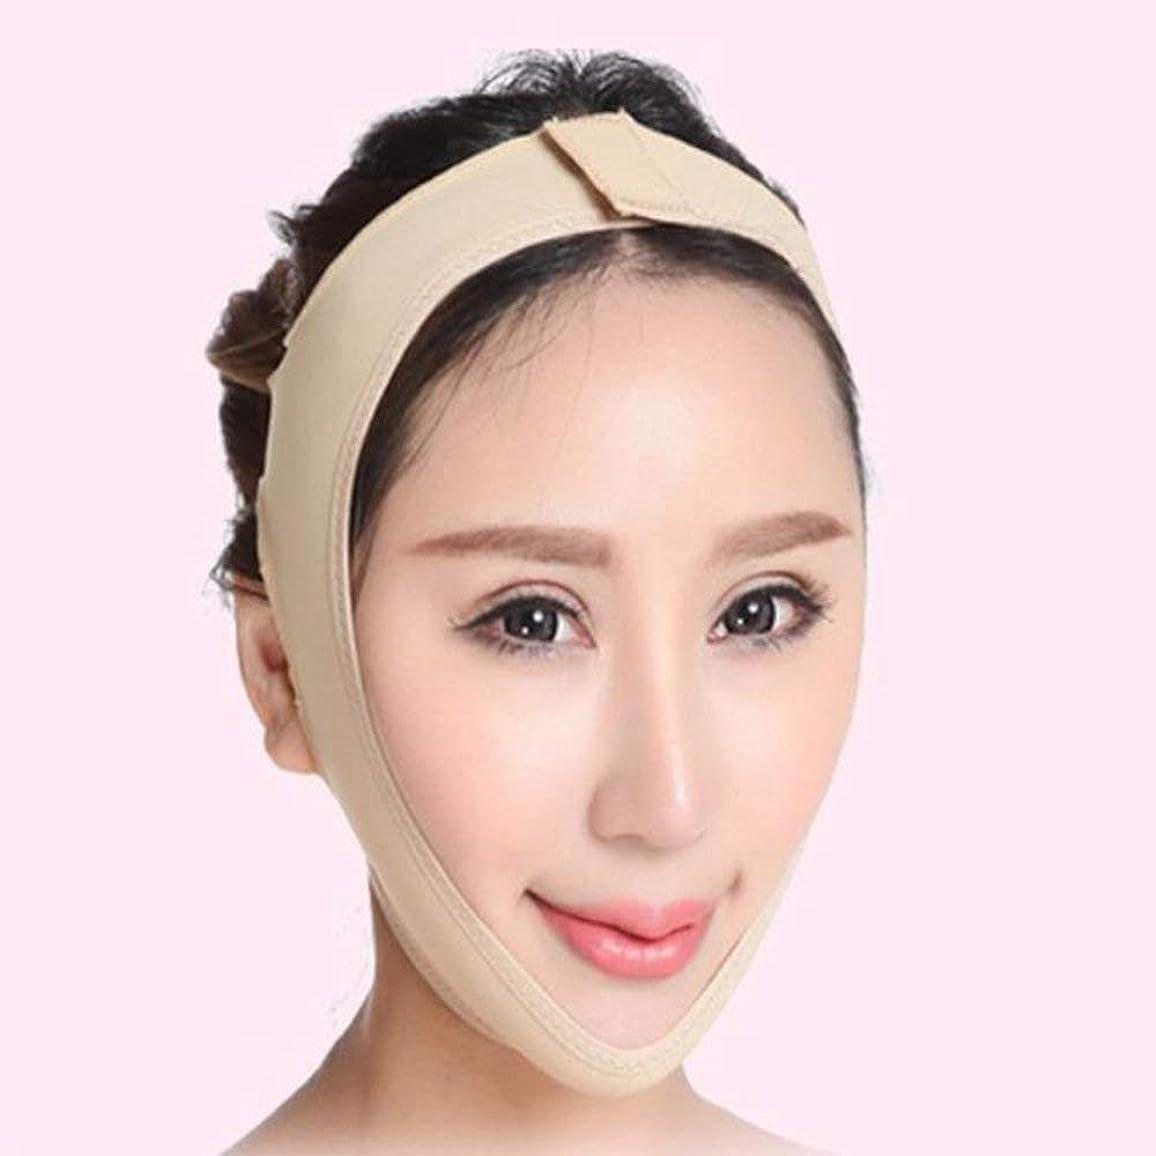 お風呂方法論スタックMR 小顔マスク リフトアップ マスク フェイスラインシャープ メンズ レディース Sサイズ MR-AZD15003-S